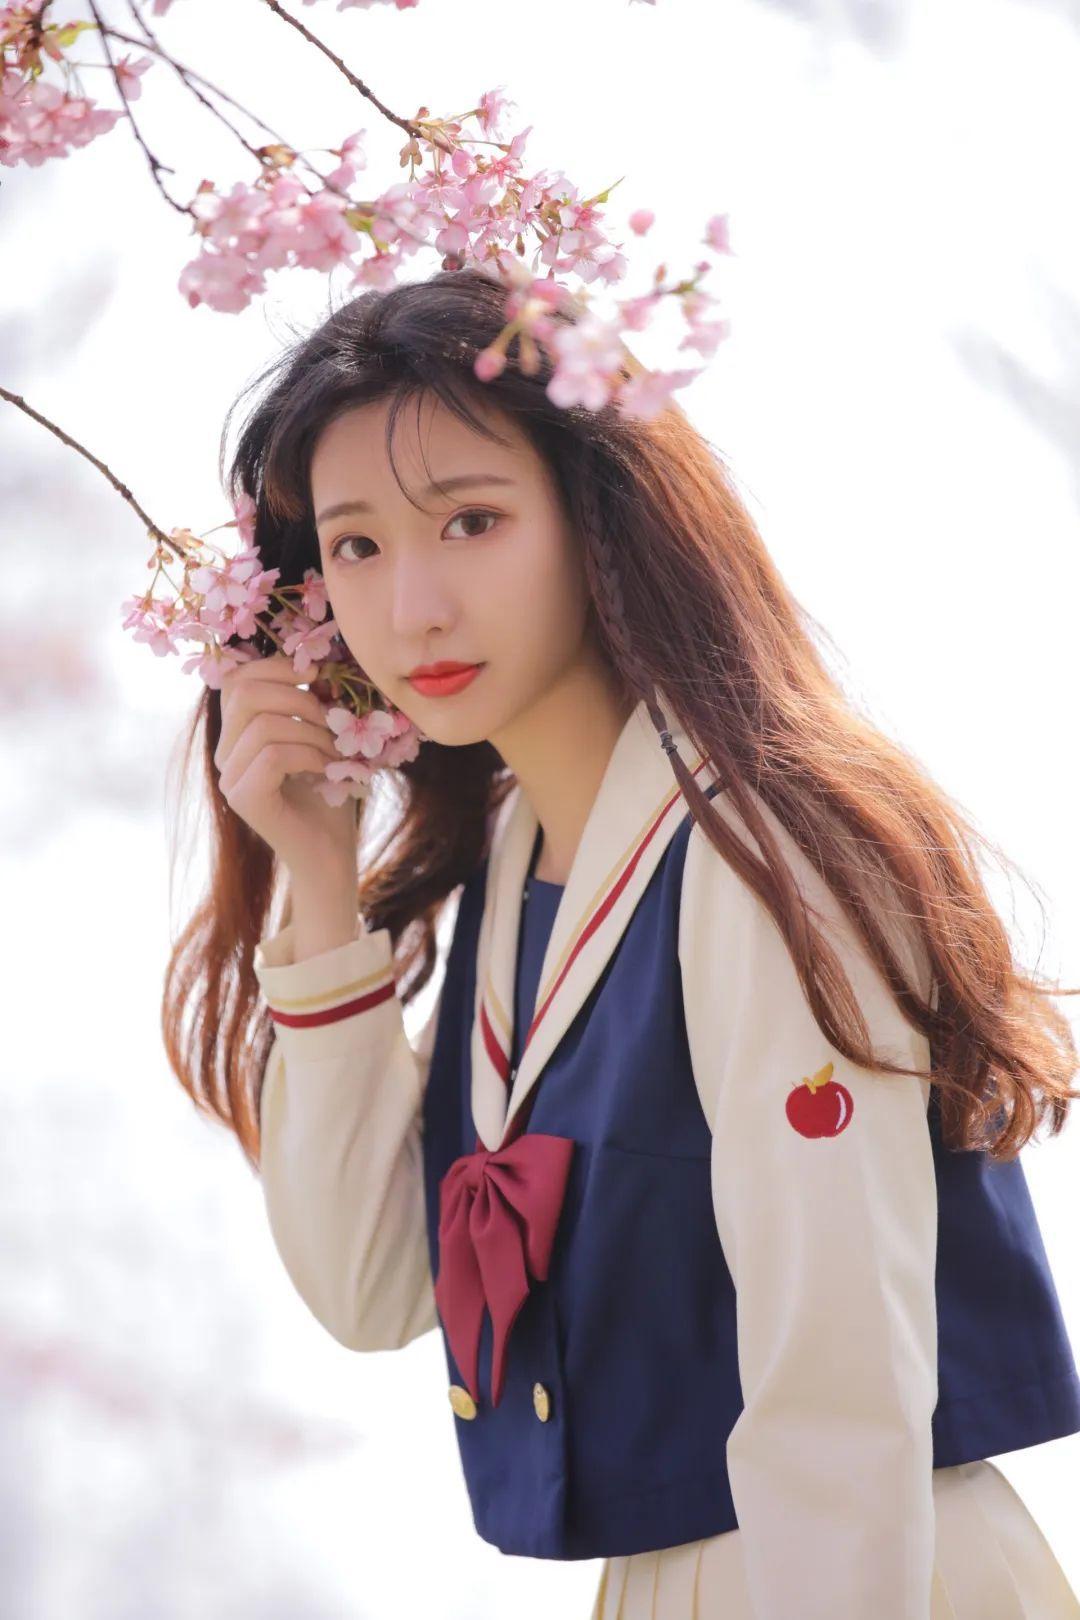 妹子摄影 – 粉粉的日系少女樱花树下写真_图片 No.10